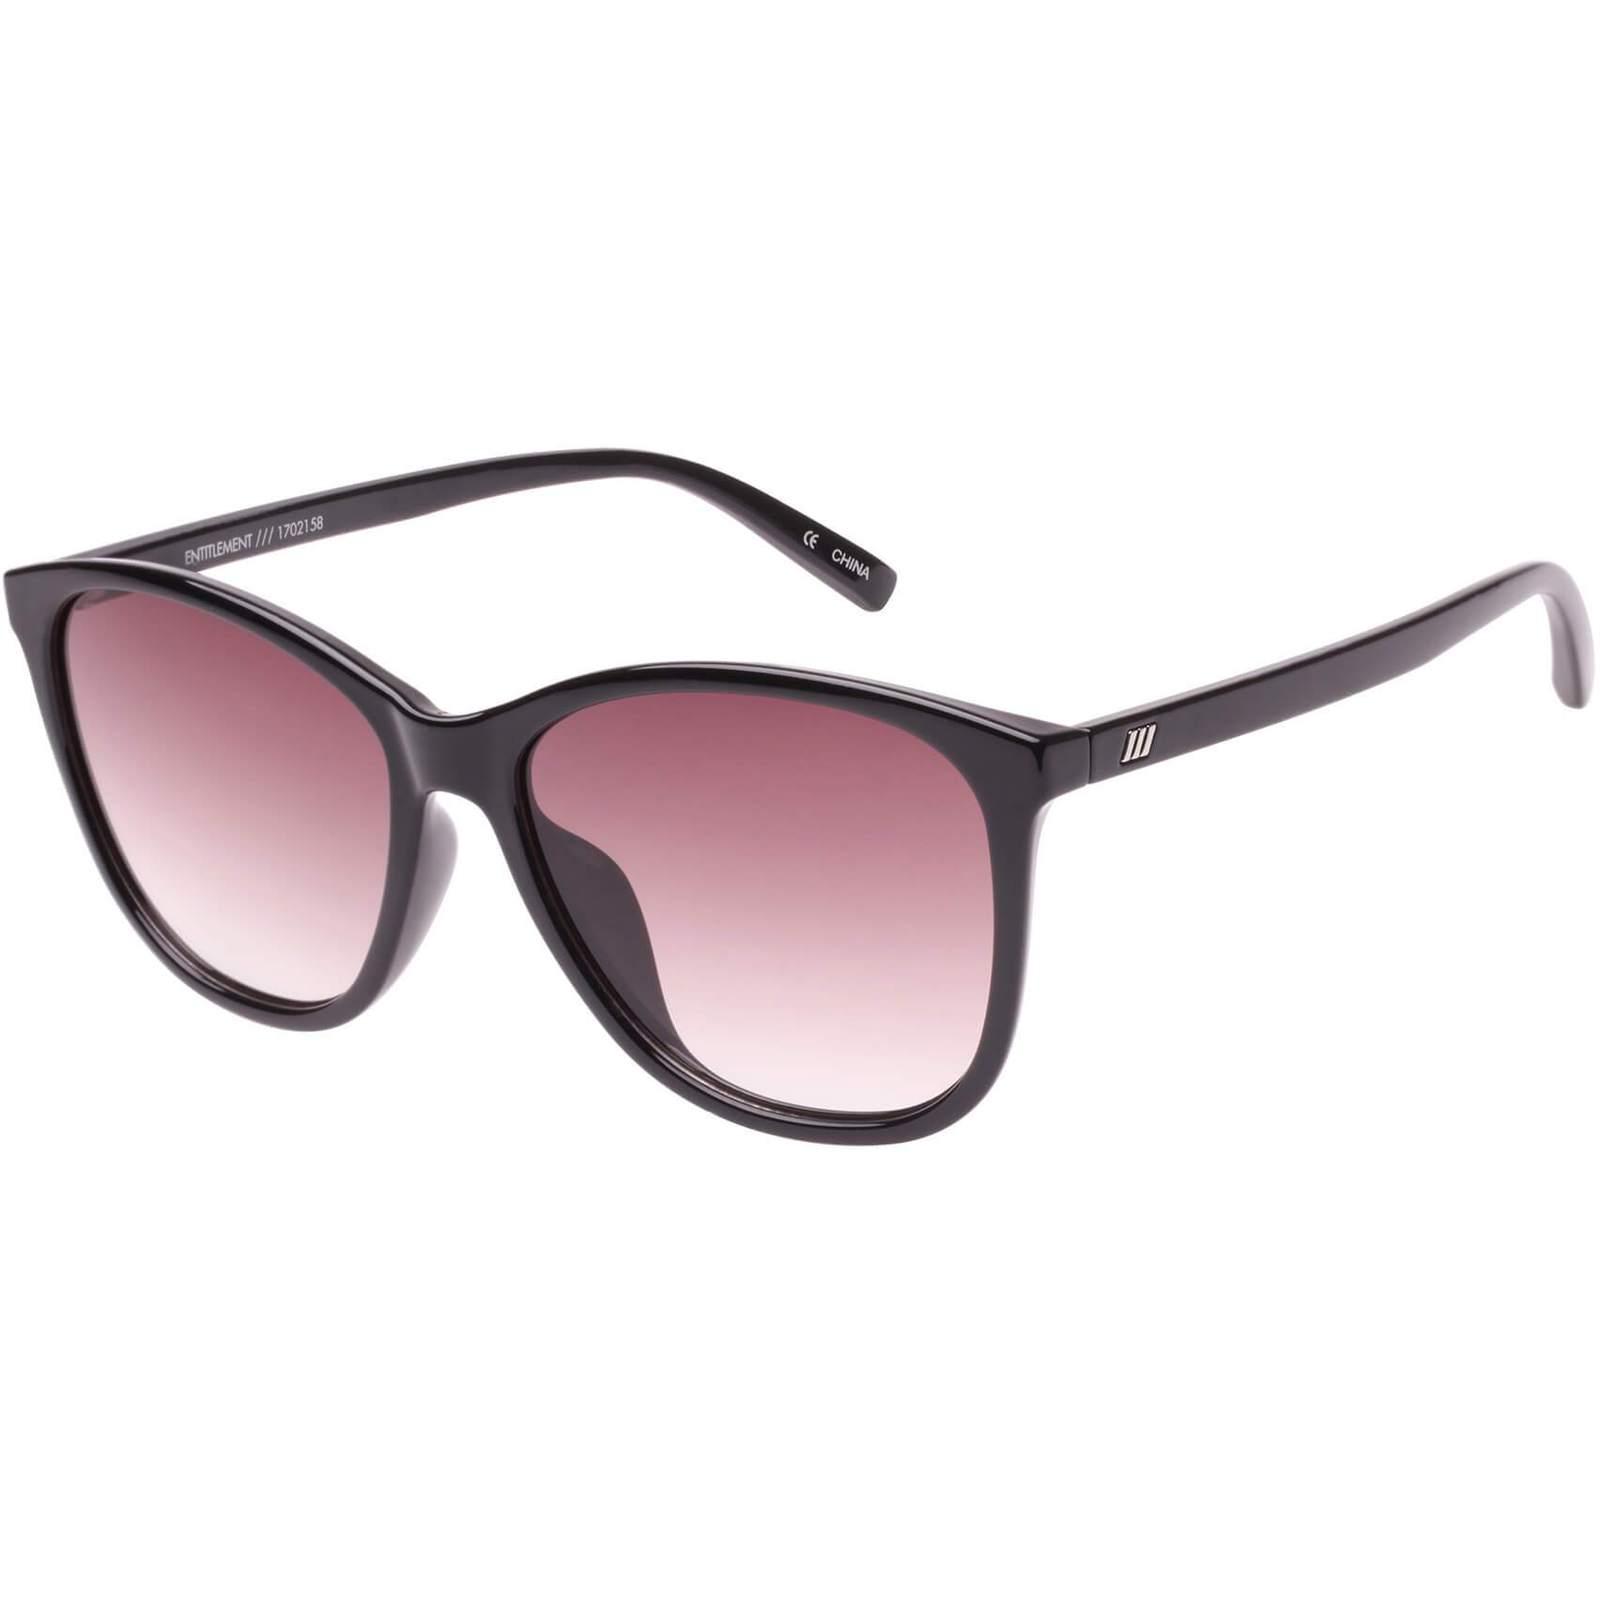 Le Specs- Entitlement- Black